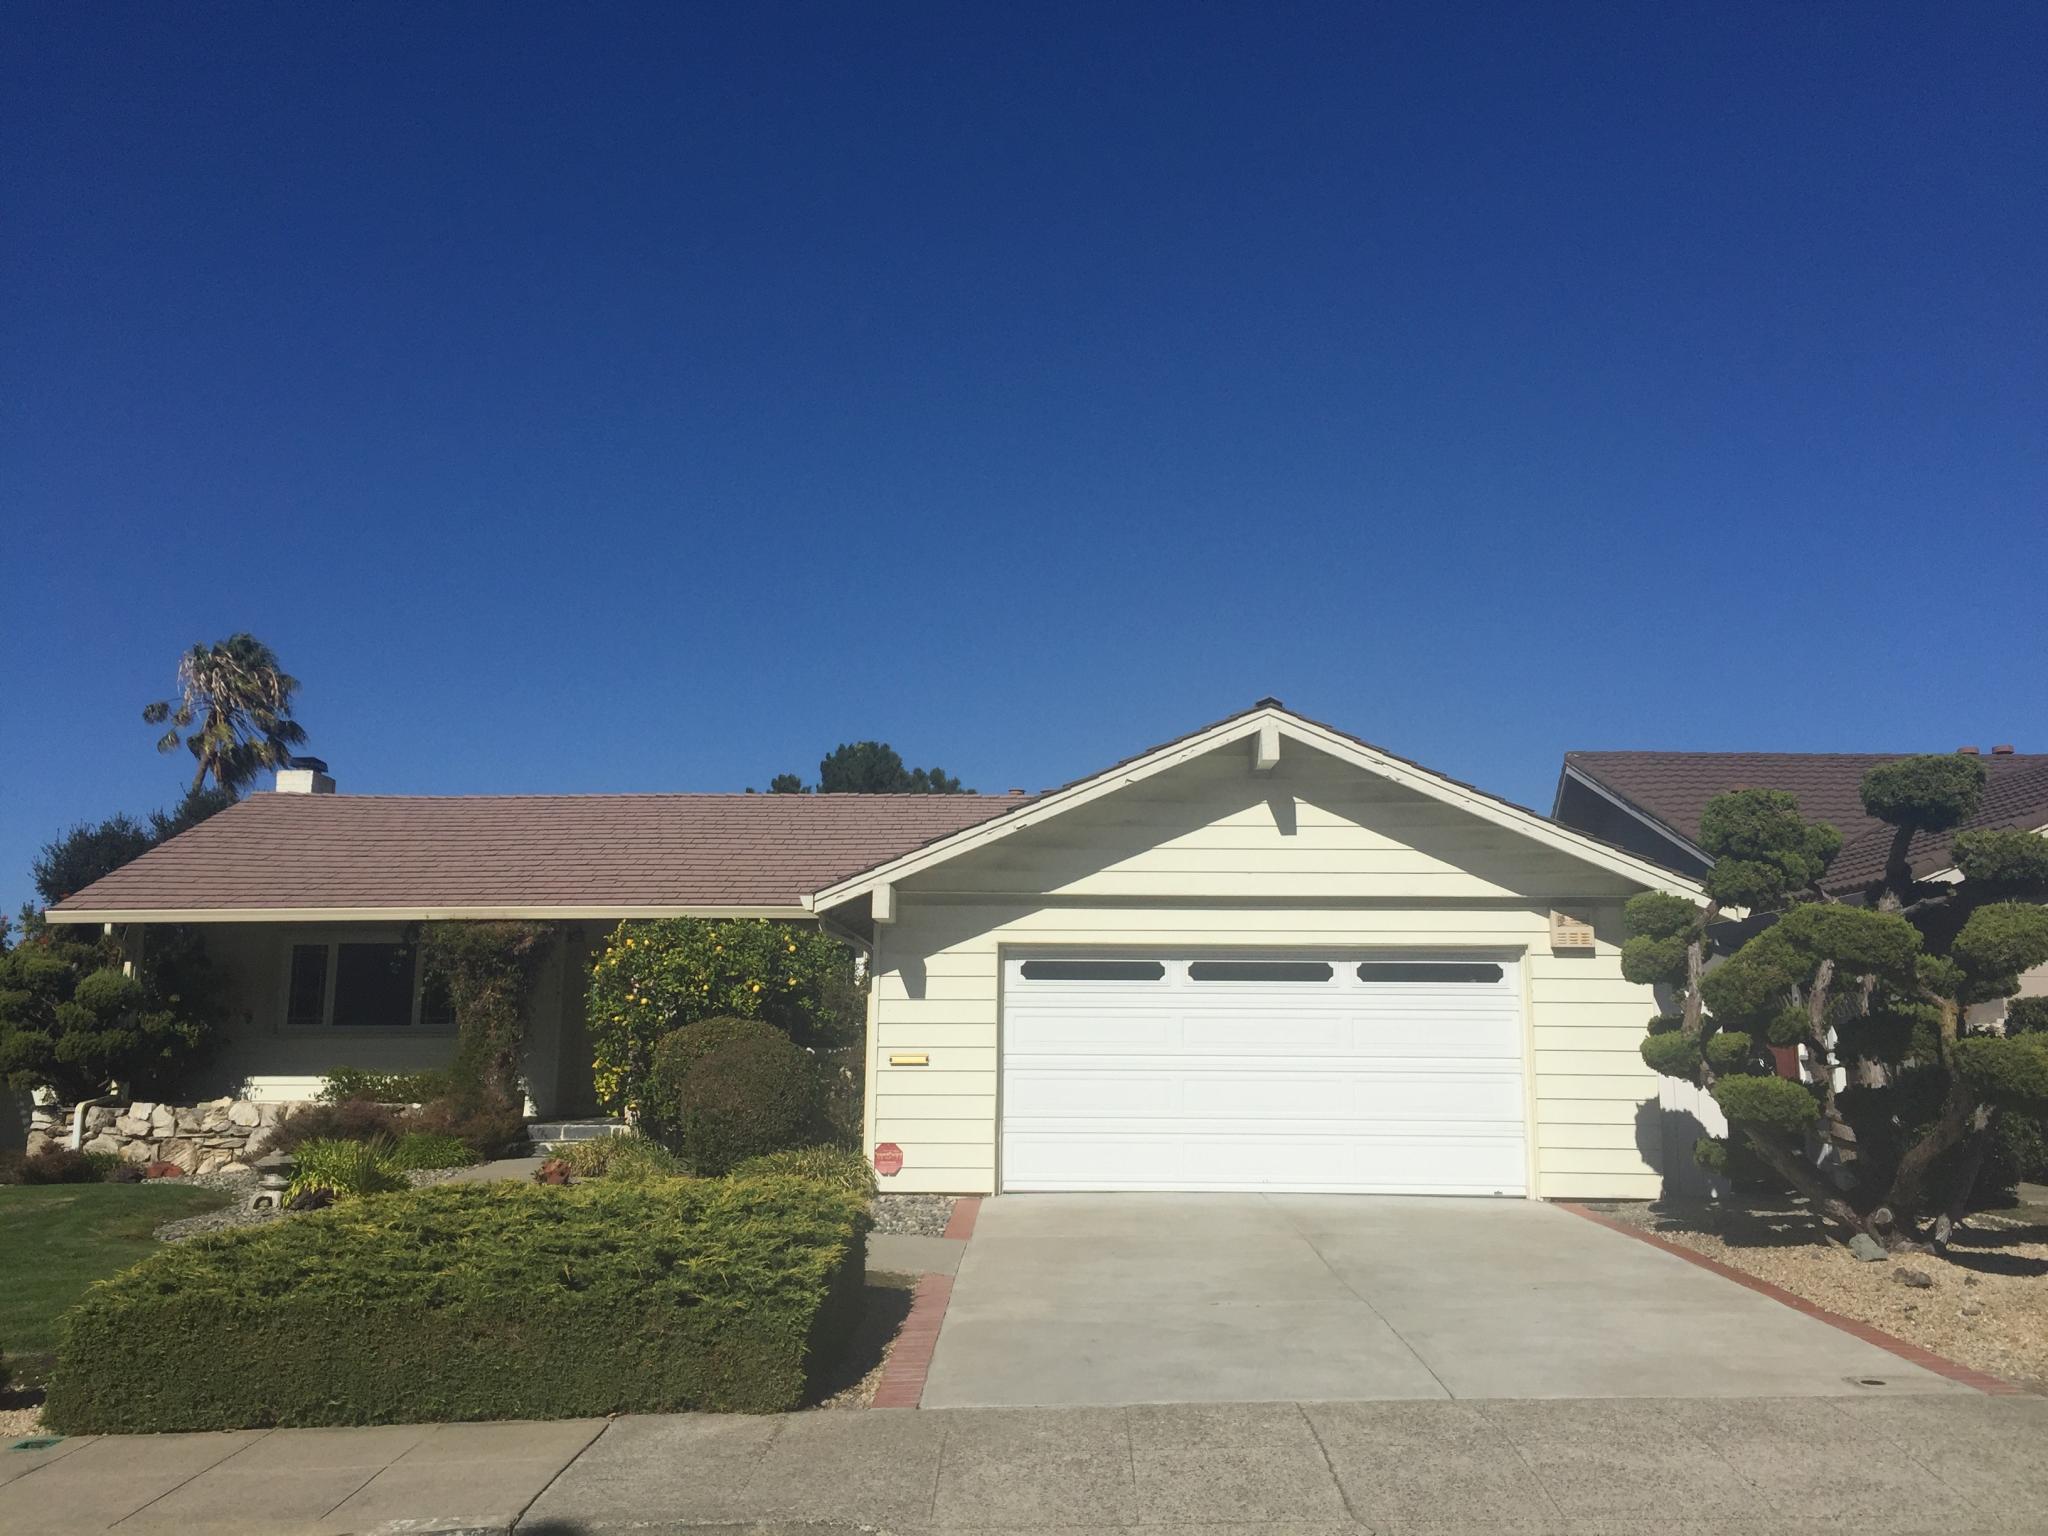 320 Castenada Dr For Rent - Millbrae, CA | Trulia